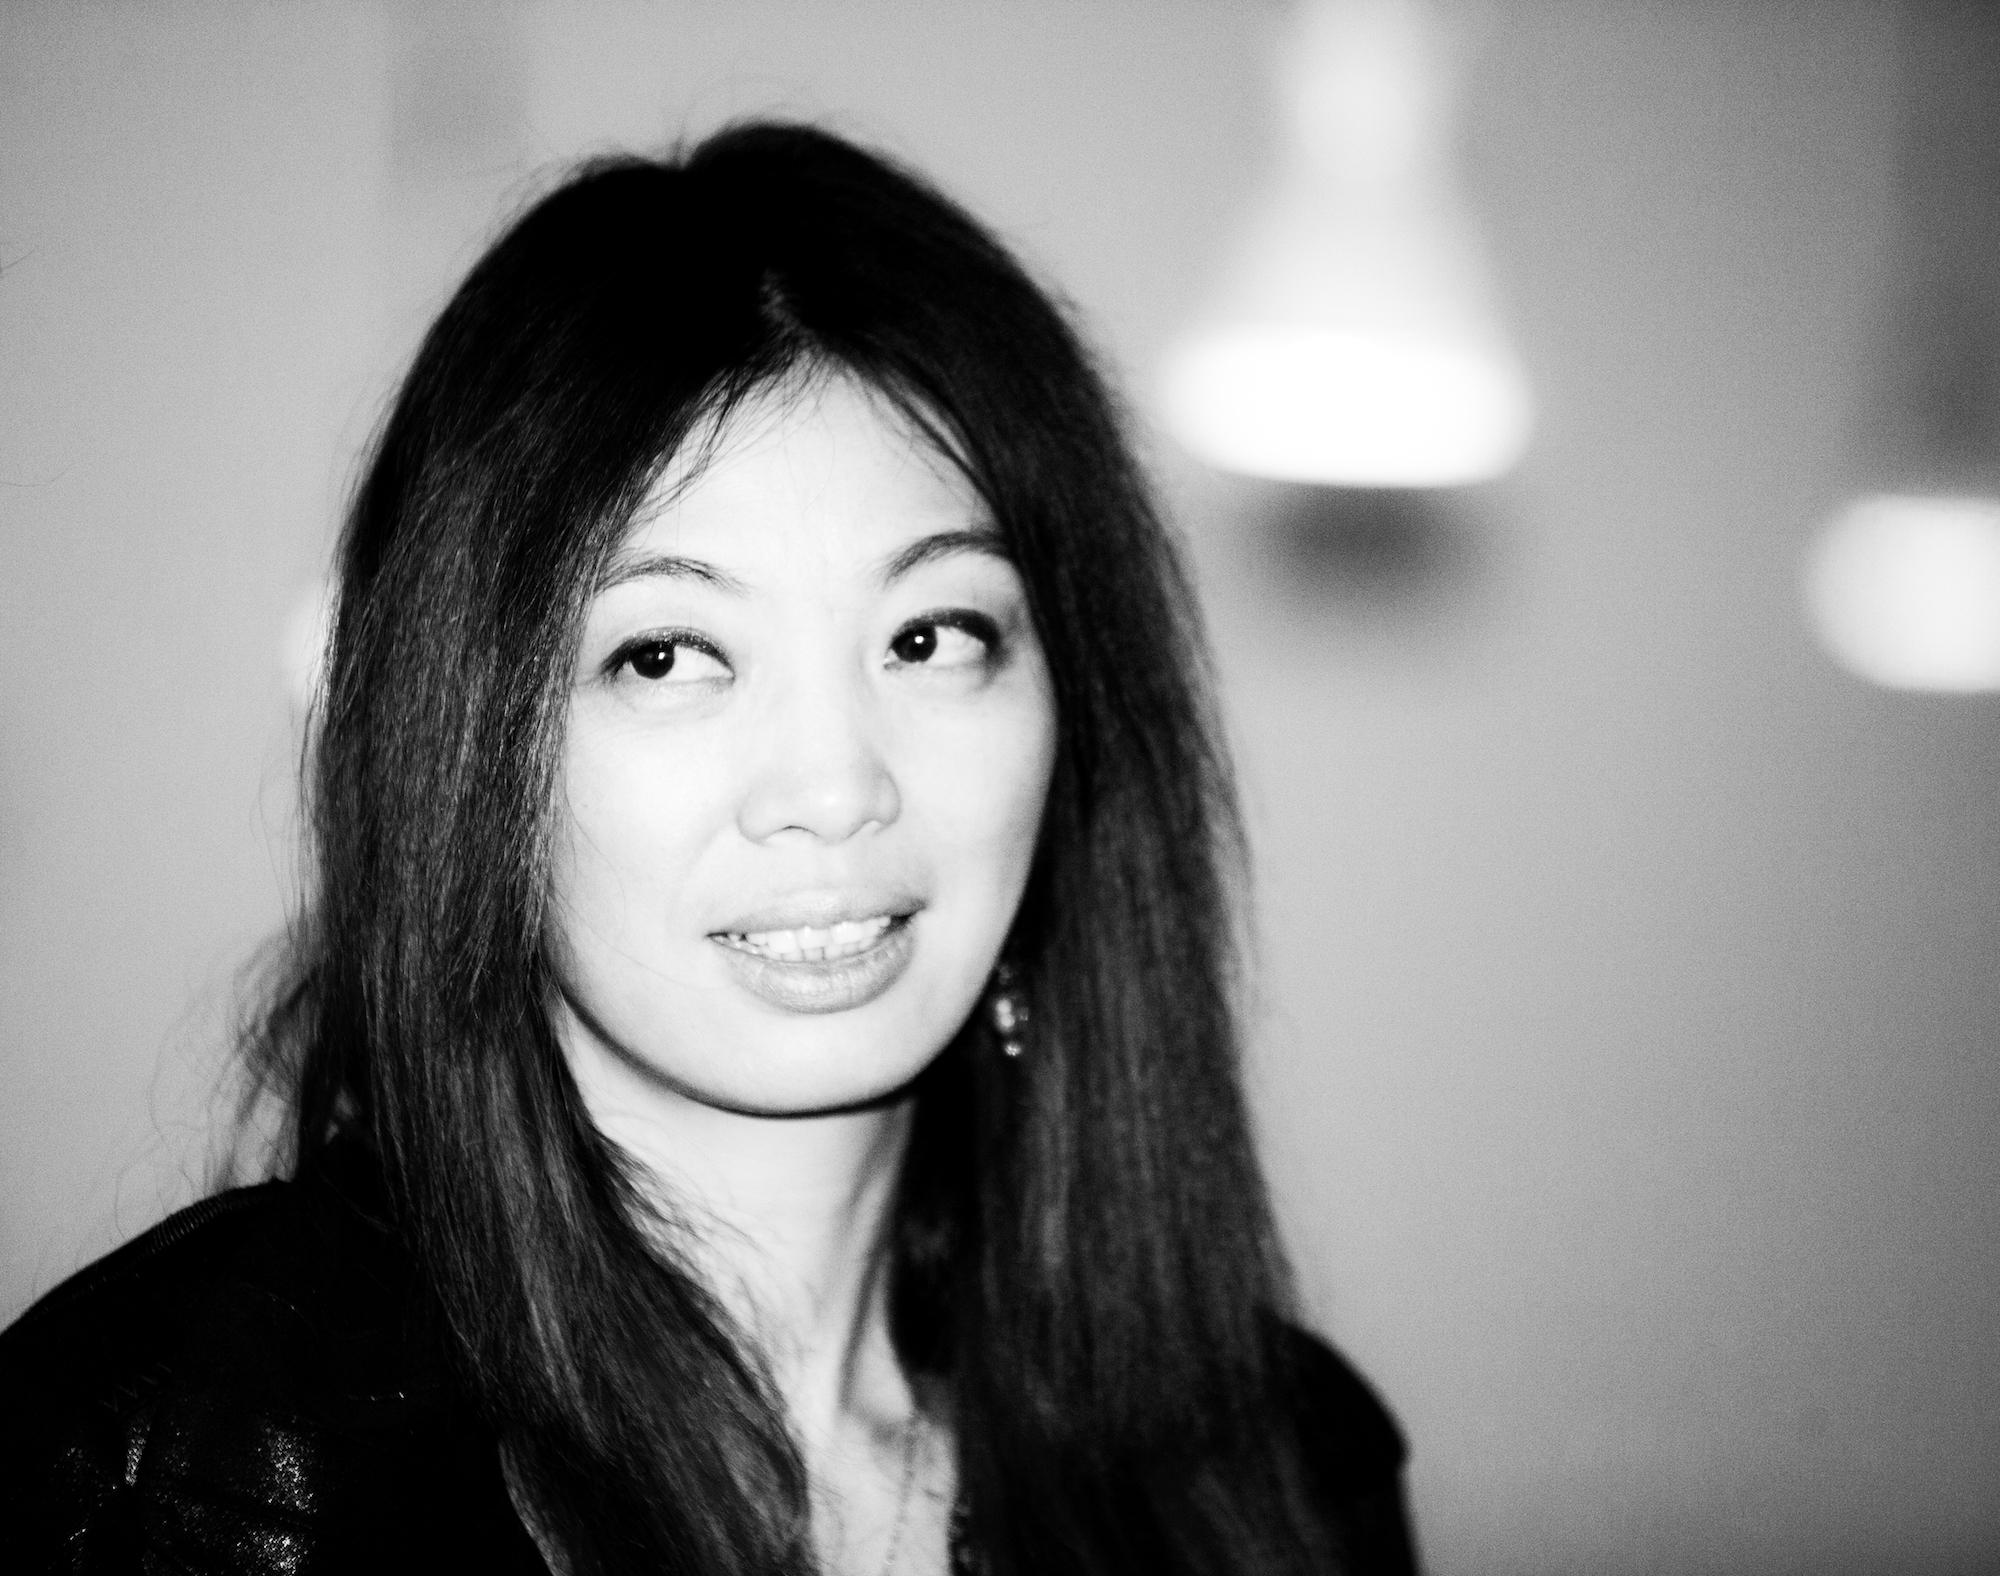 Lin Jingjing receives residency at Residency Unlimited